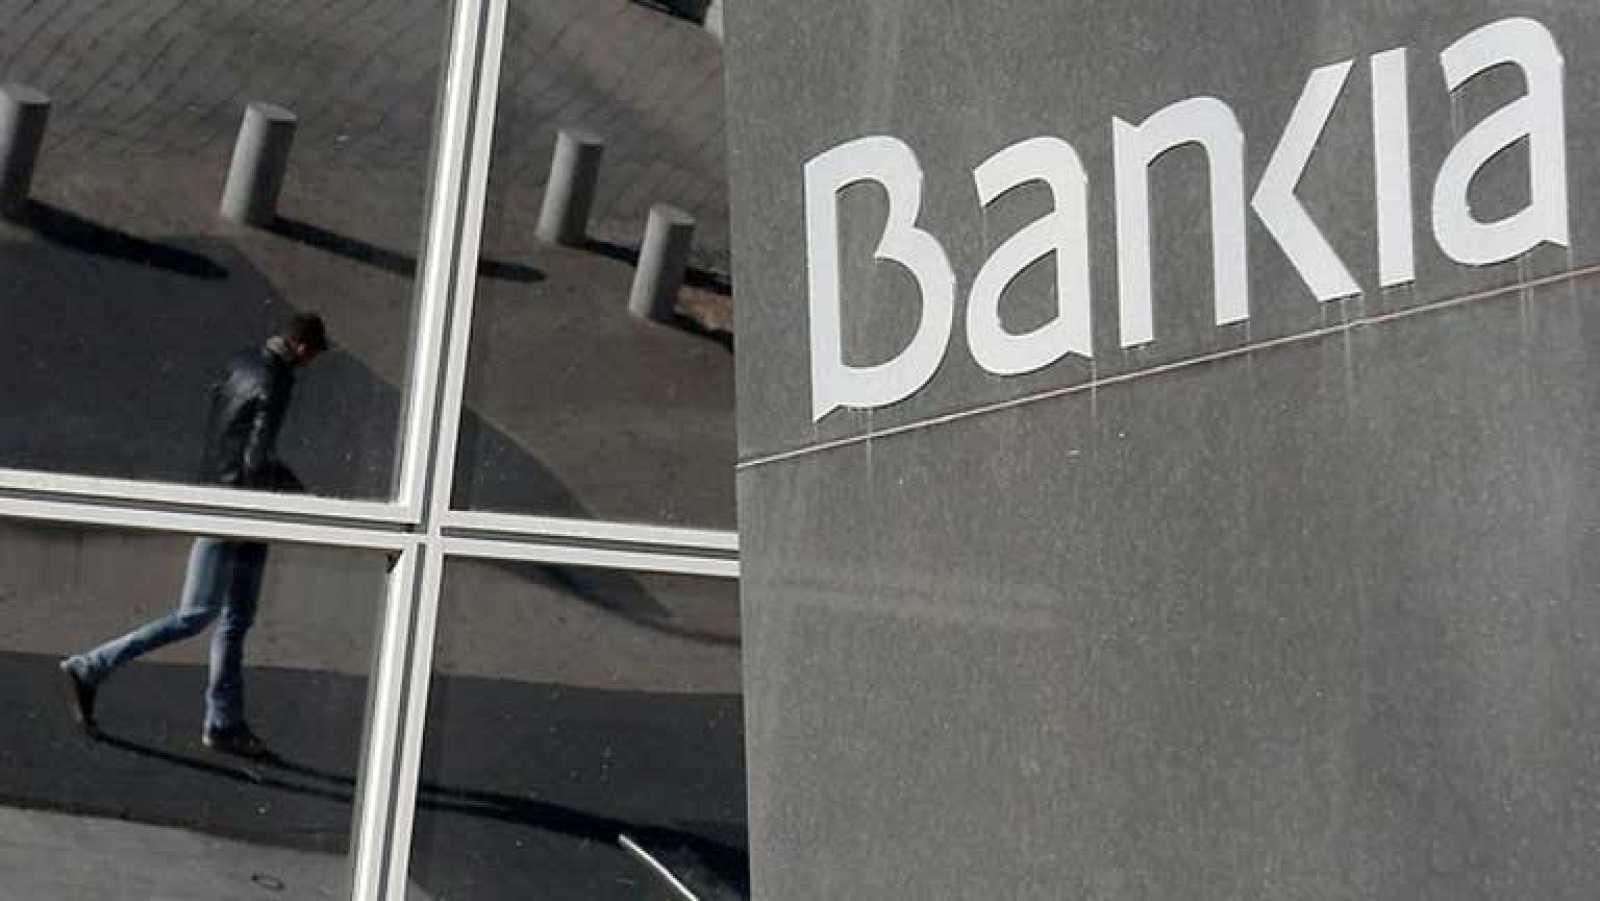 Bankia reducirá su plantilla en 6.000 personas y cerrará 1.100 ...